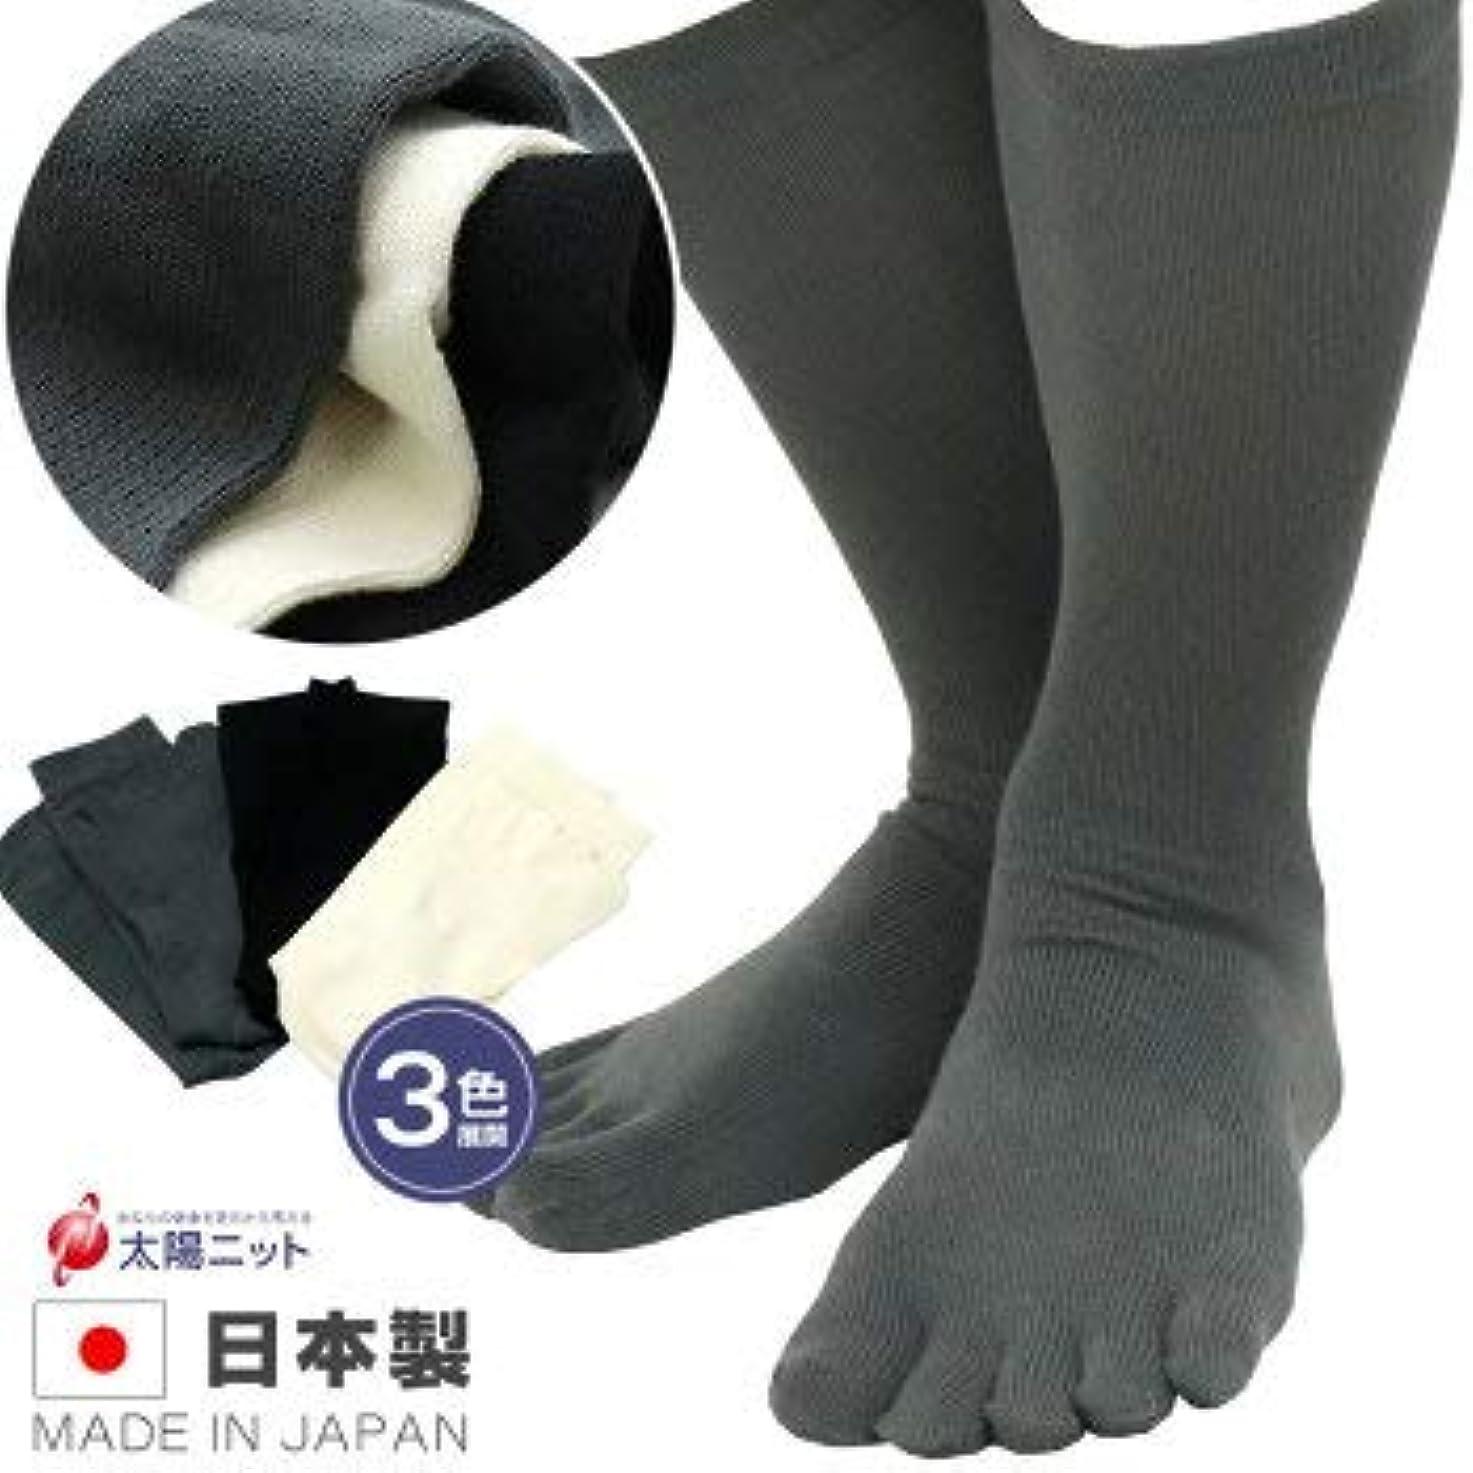 ぼかし牽引思いやりのある男性用 綿100% 5本指 靴下 におい ムレ 対策 24-26㎝ 太陽ニッ ト321 (ホワイト)